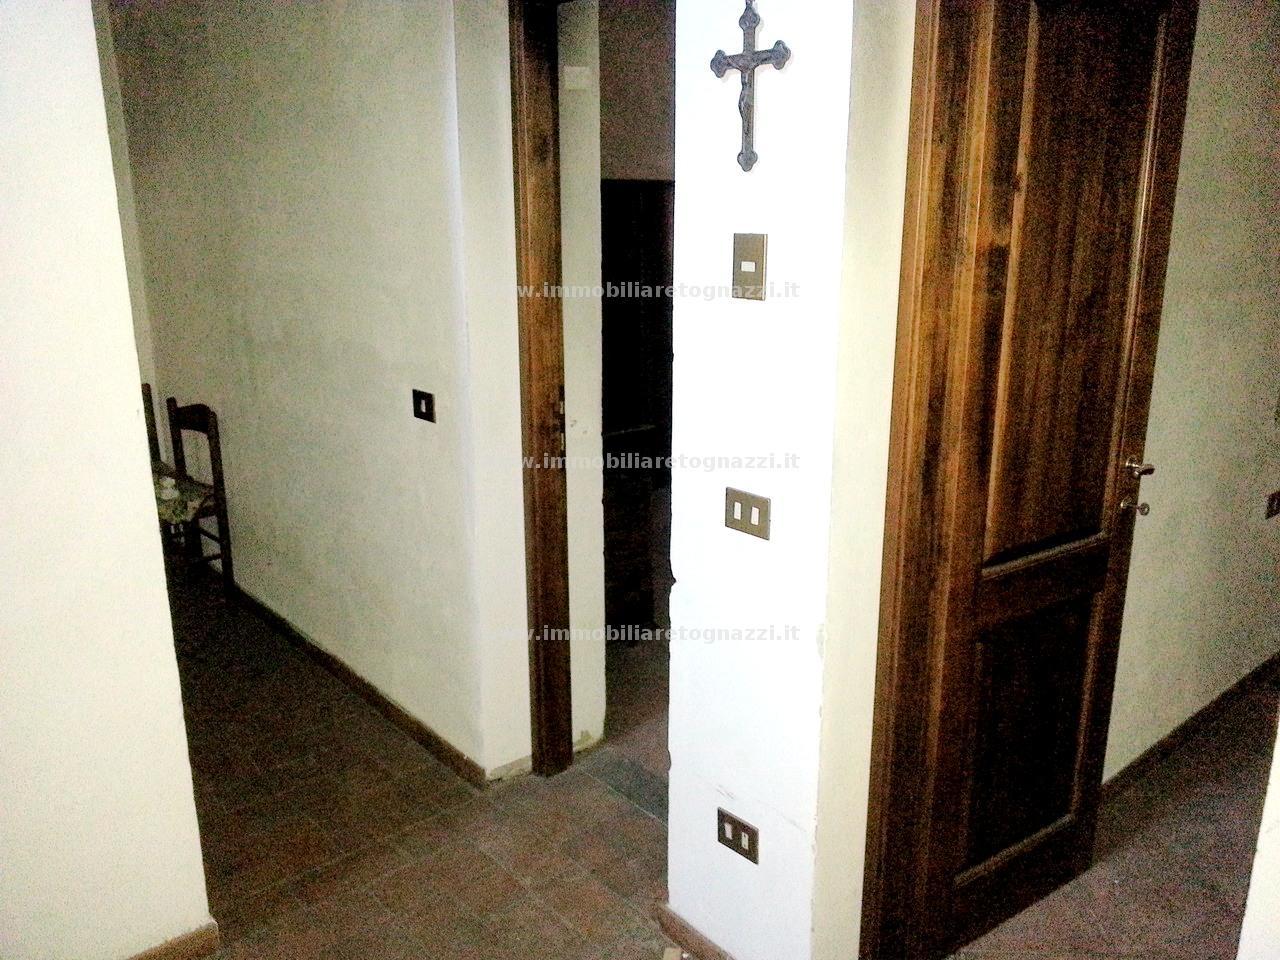 Palazzo / Stabile in vendita a Tavarnelle Val di Pesa, 10 locali, prezzo € 330.000 | Cambio Casa.it